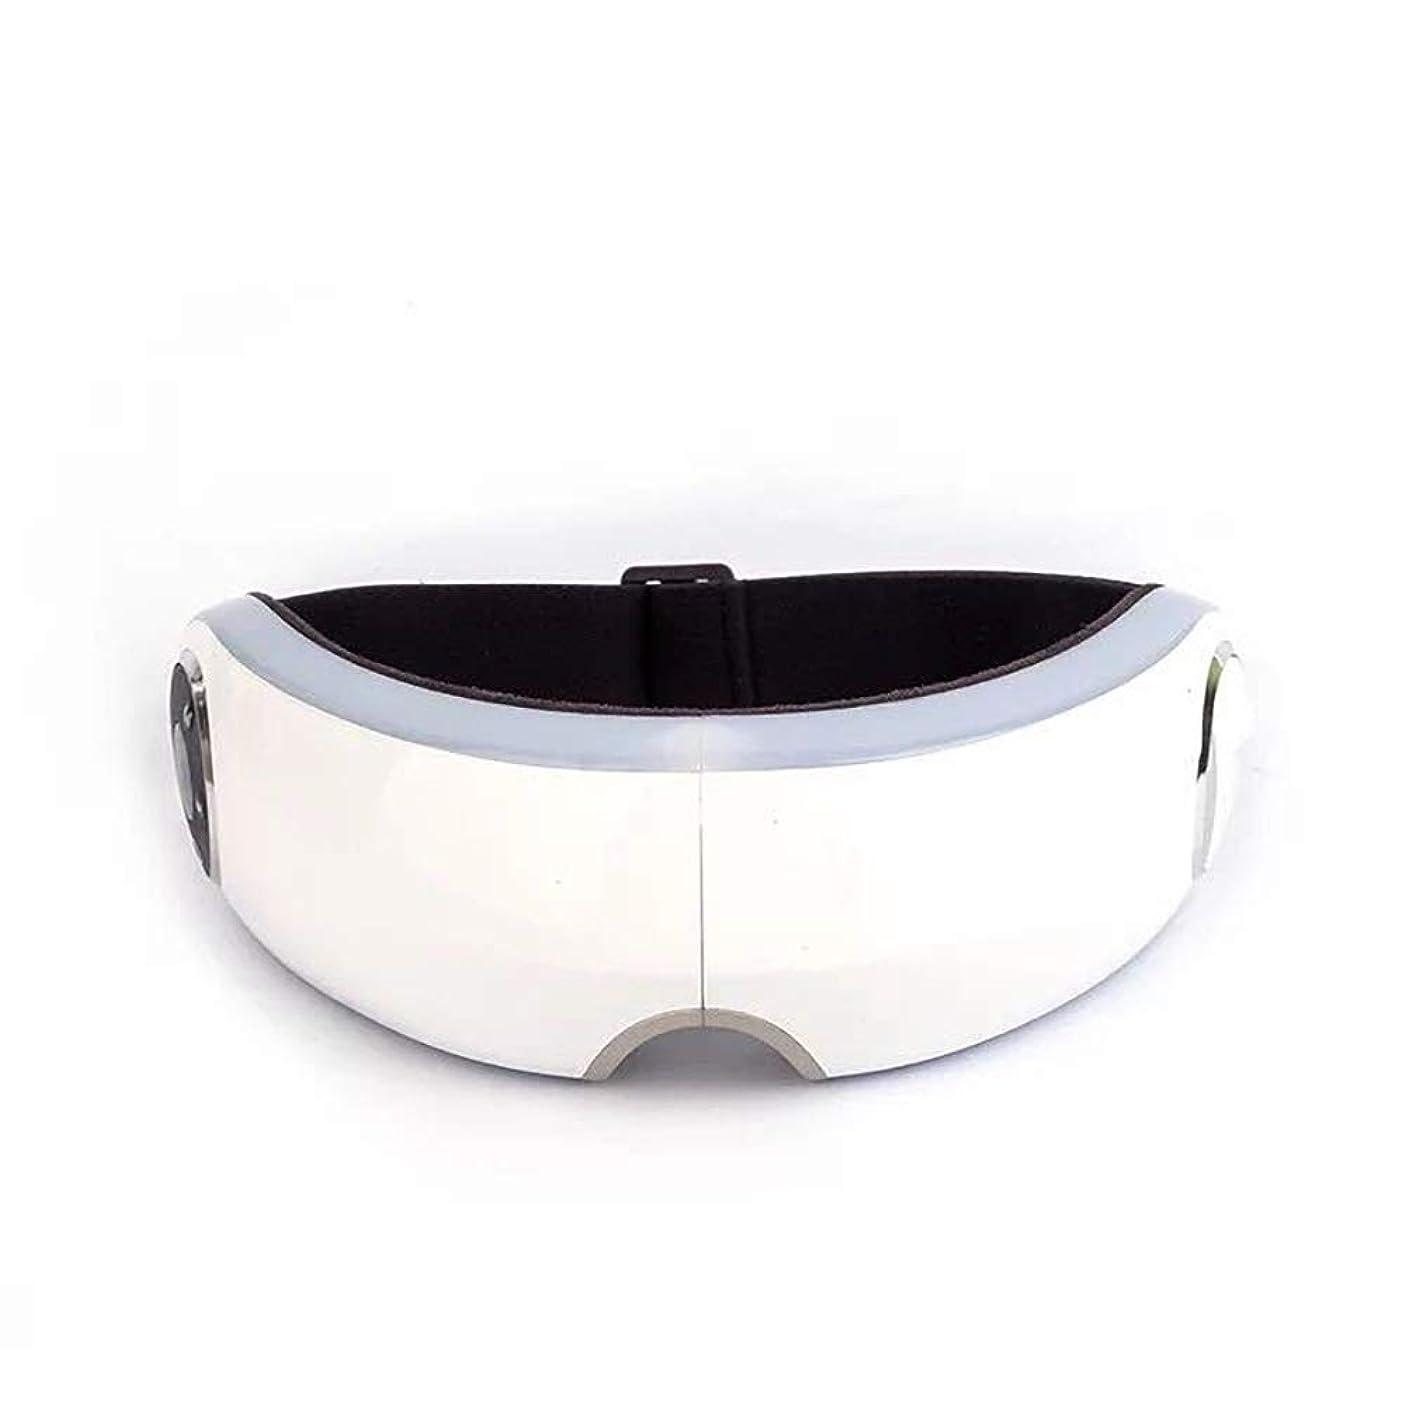 気まぐれな放映電子レンジWentsrun 女性のファッションアイマッサージャー充電式アイプロテクタービジョントレーナー高品質アイプロテクタースマートマッサージャー